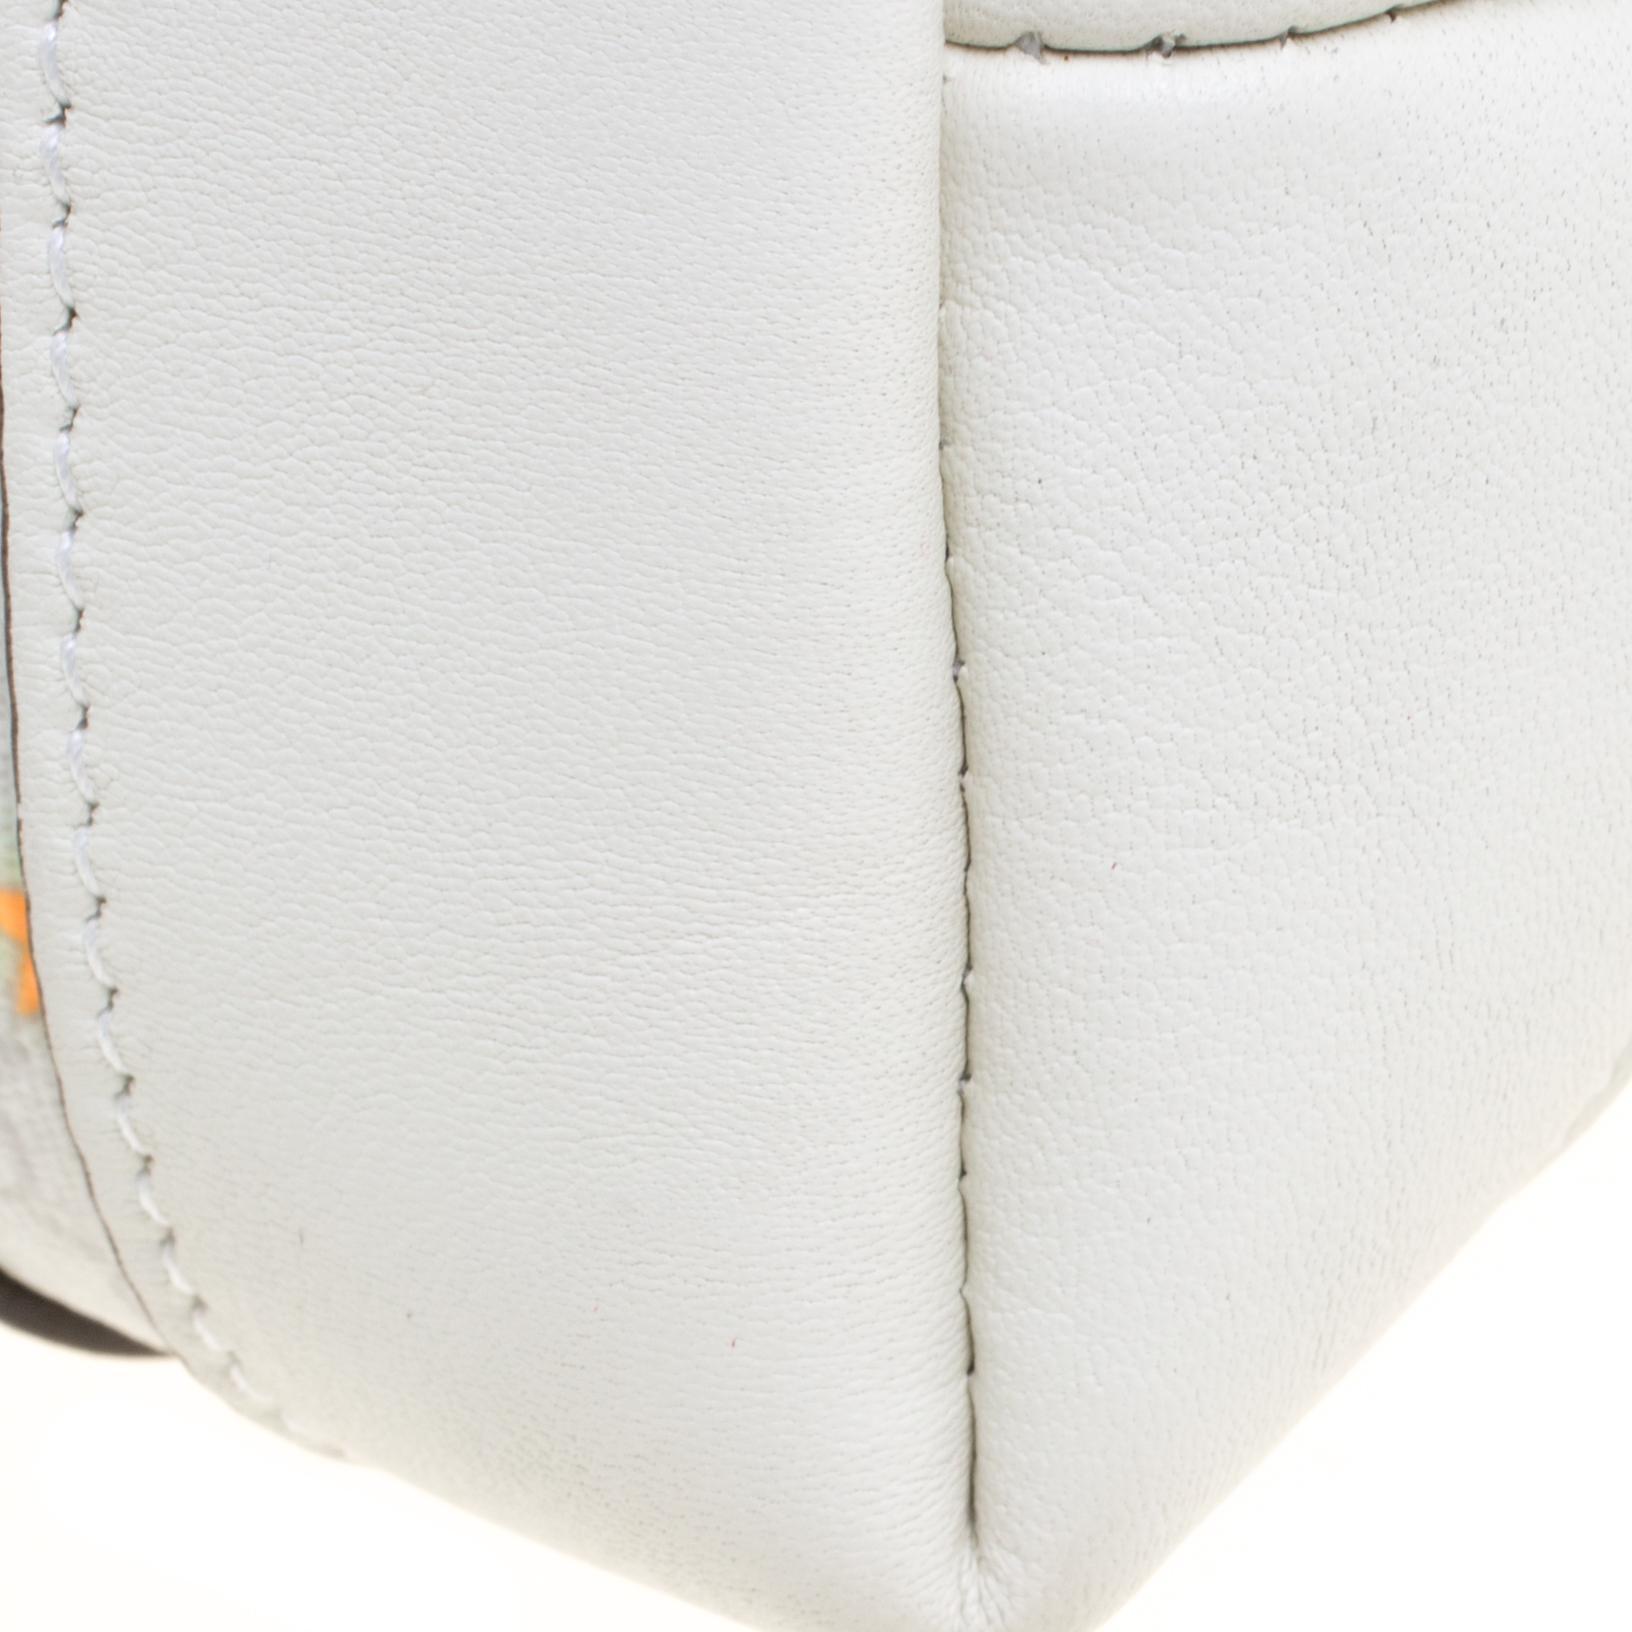 e8adc8ff6a74ed Gucci Micro Gg Supreme Canvas Neon Stars Tote in White - Lyst